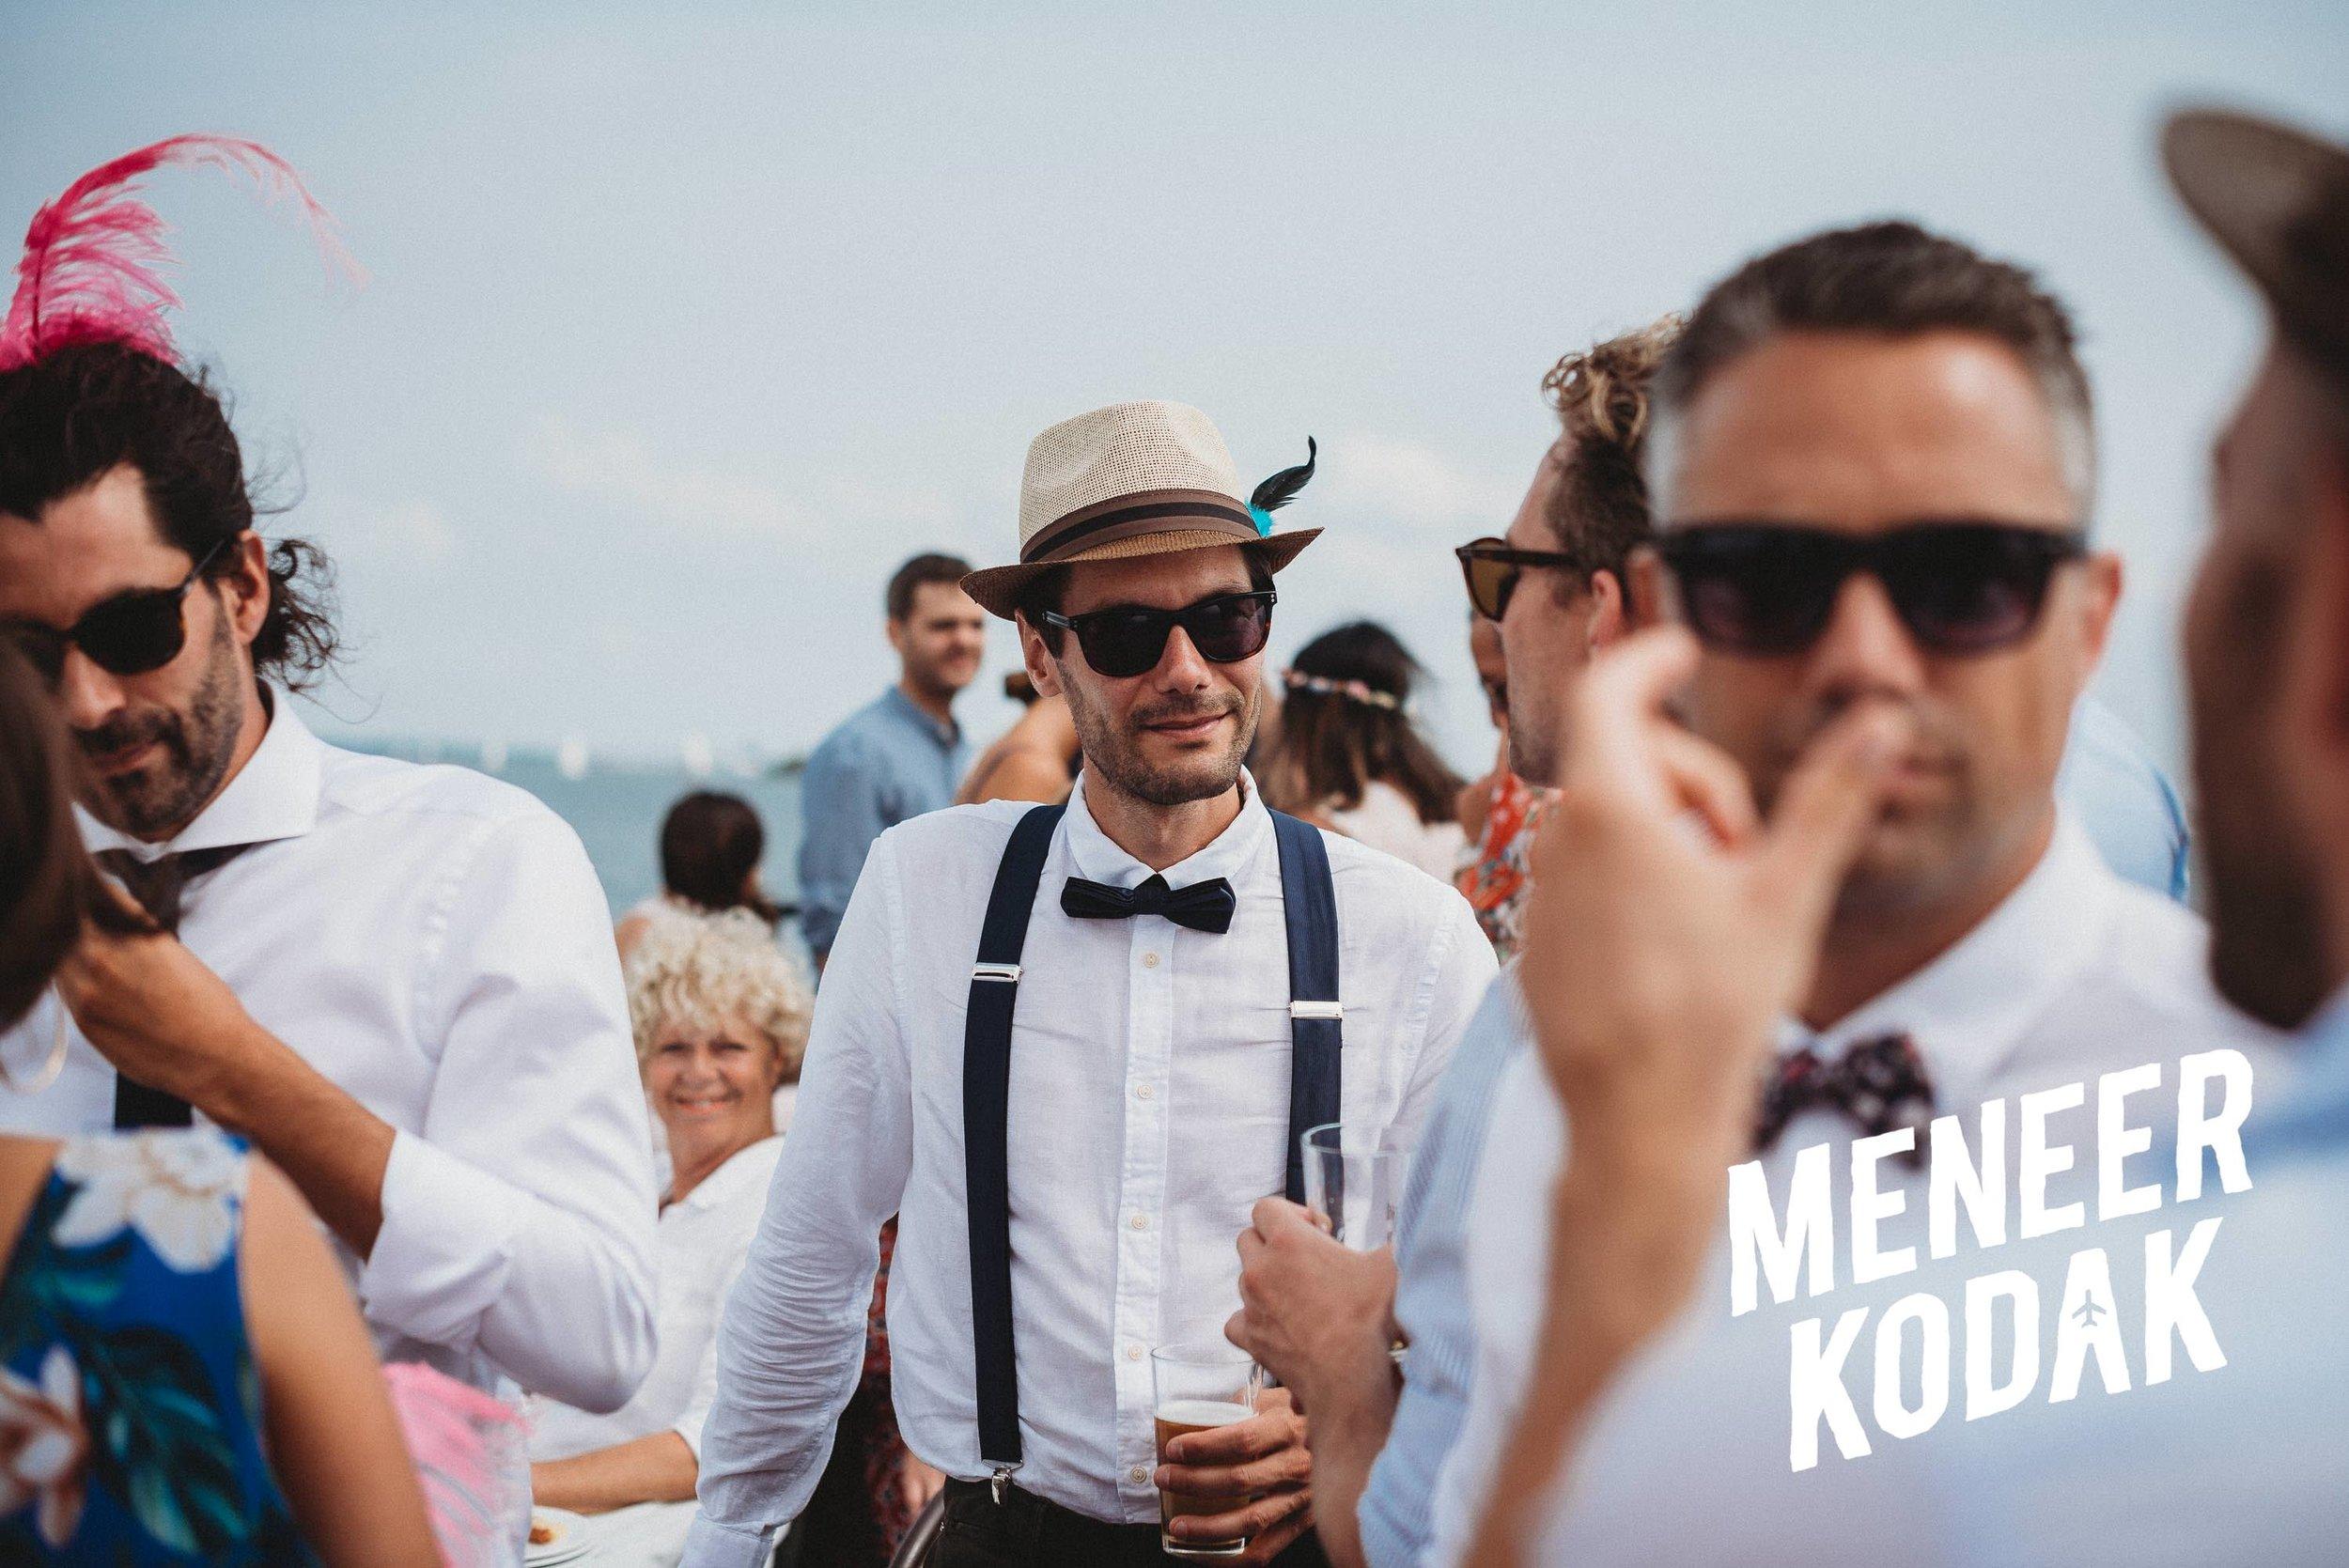 Meneer Kodak - Trouwfotograaf - Amsterdam - H&T-080.jpg